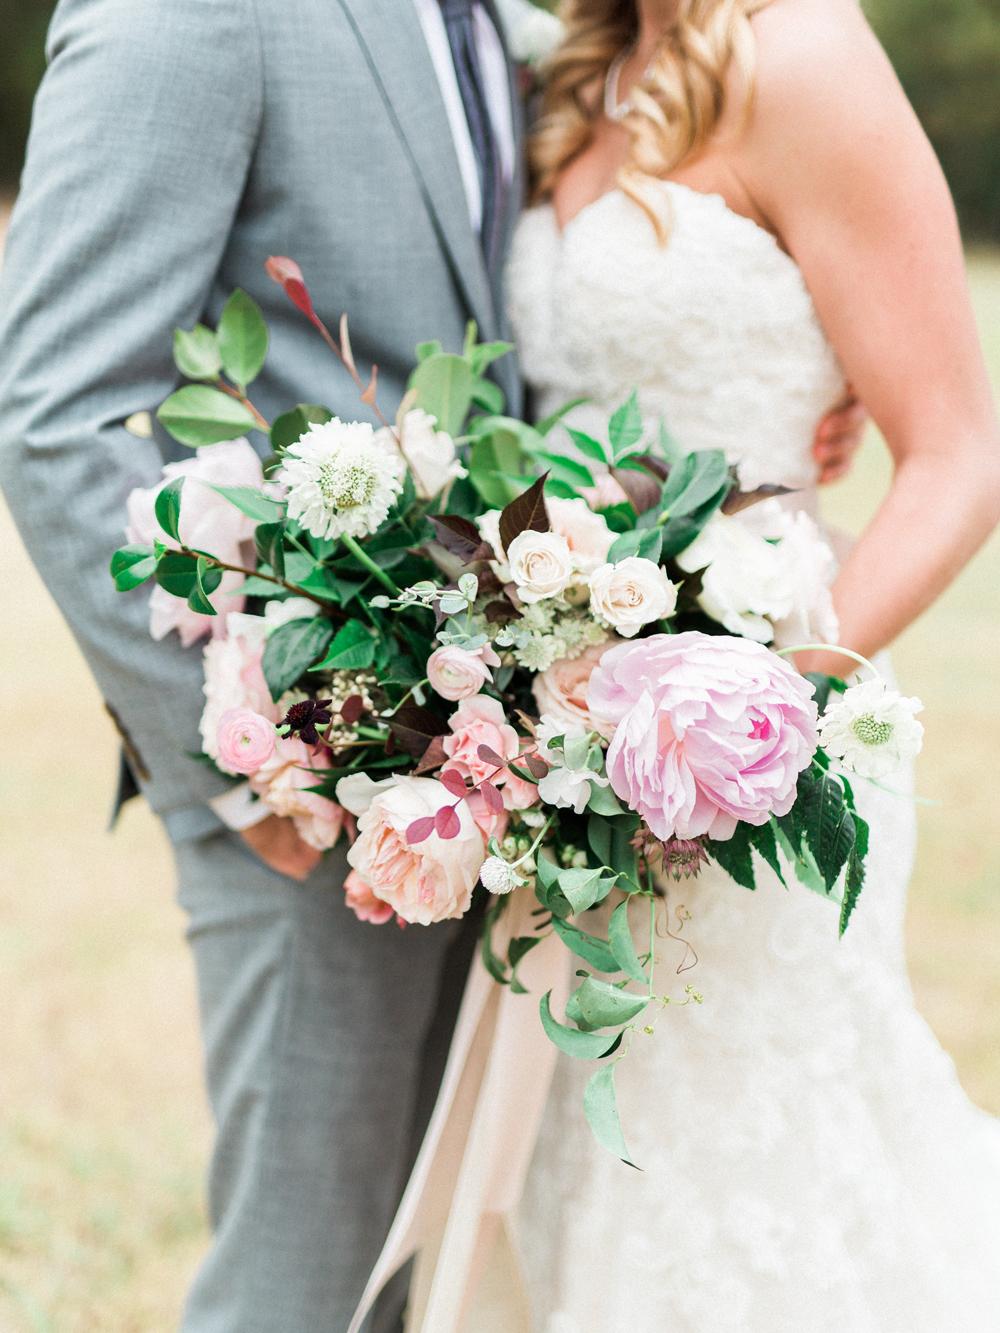 garden wedding bouquets - photo by Elisabeth Carol Photography http://ruffledblog.com/picturesque-garden-wedding-at-white-sparrow-barn